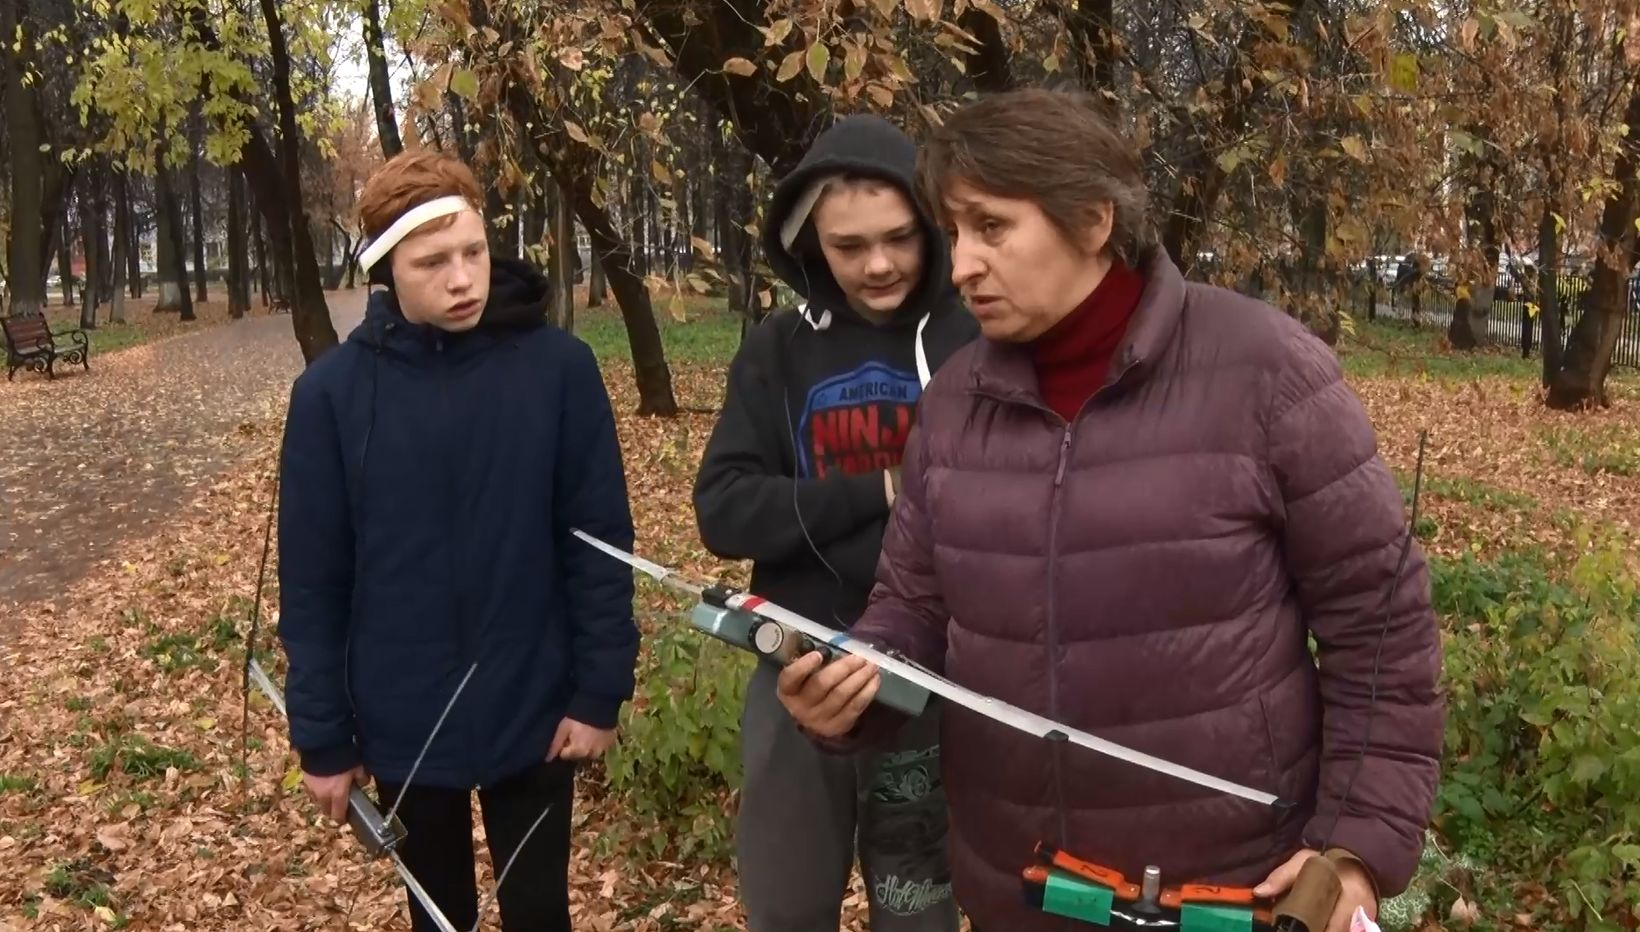 Их соревнования похожи на шпионскую игру: юные ярославцы вернулись к тренировкам после первенства России по радиопеленгации